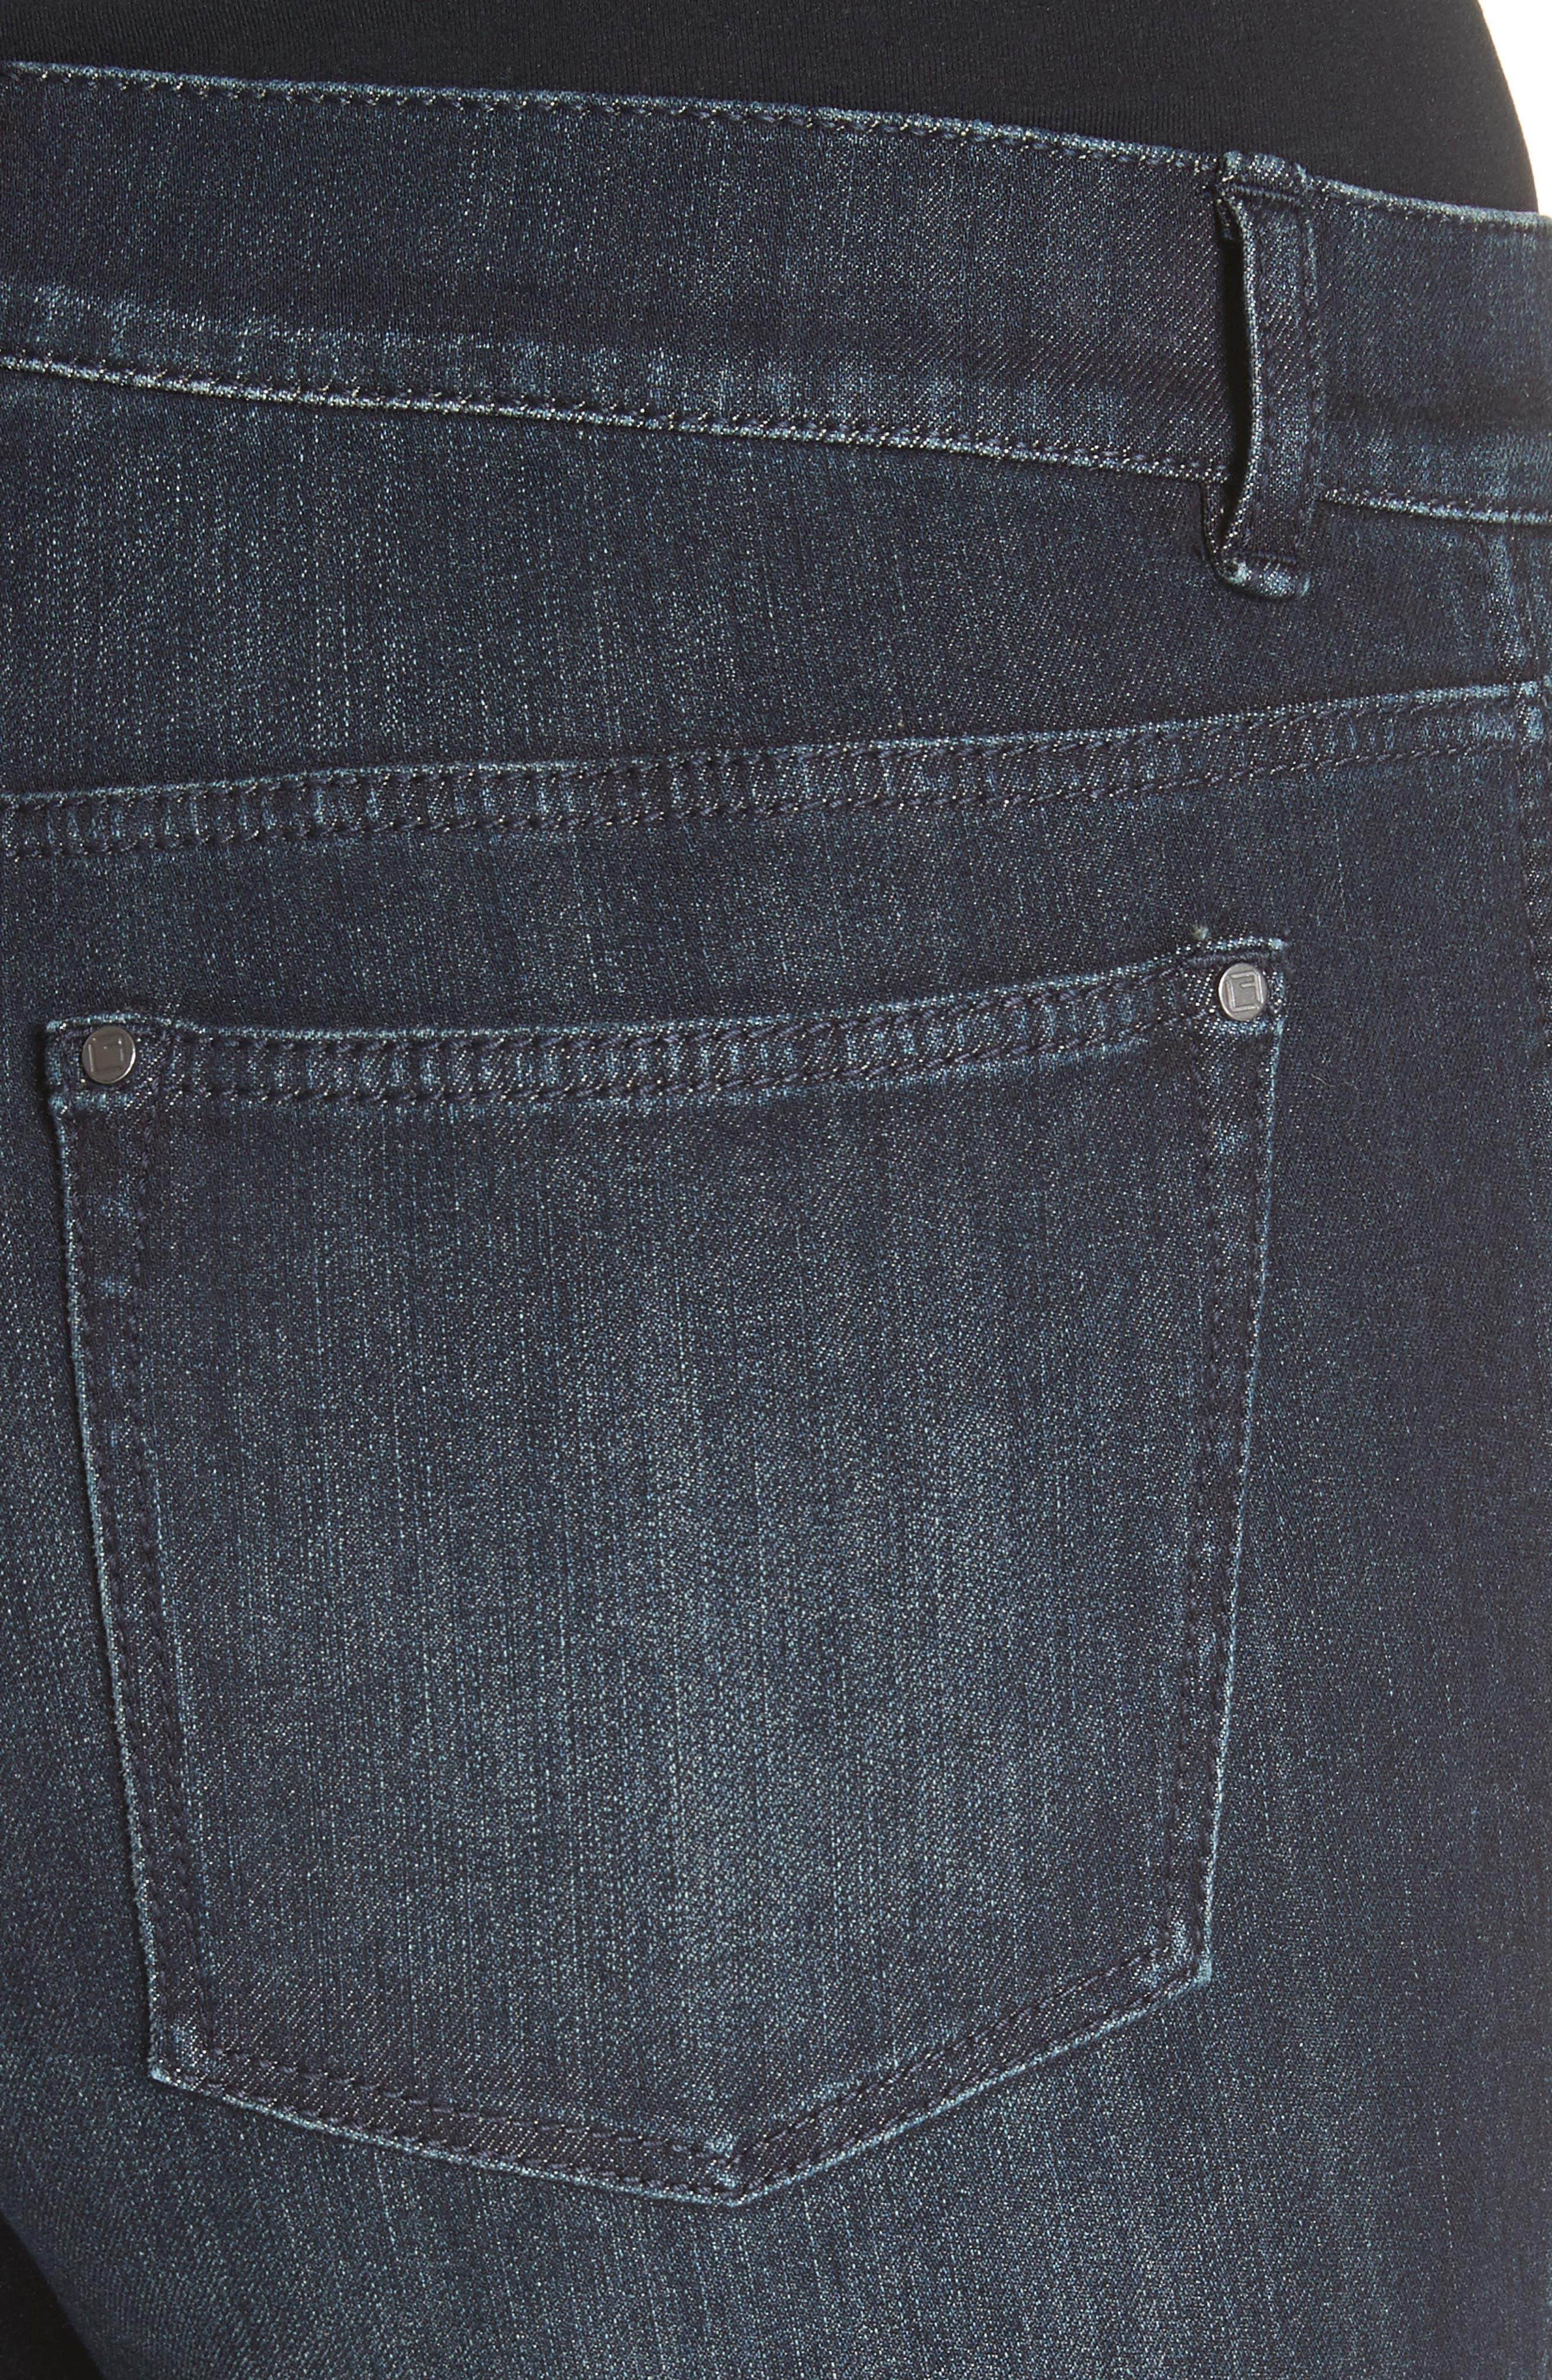 Mercer Skinny Jeans,                             Alternate thumbnail 4, color,                             INDIGO